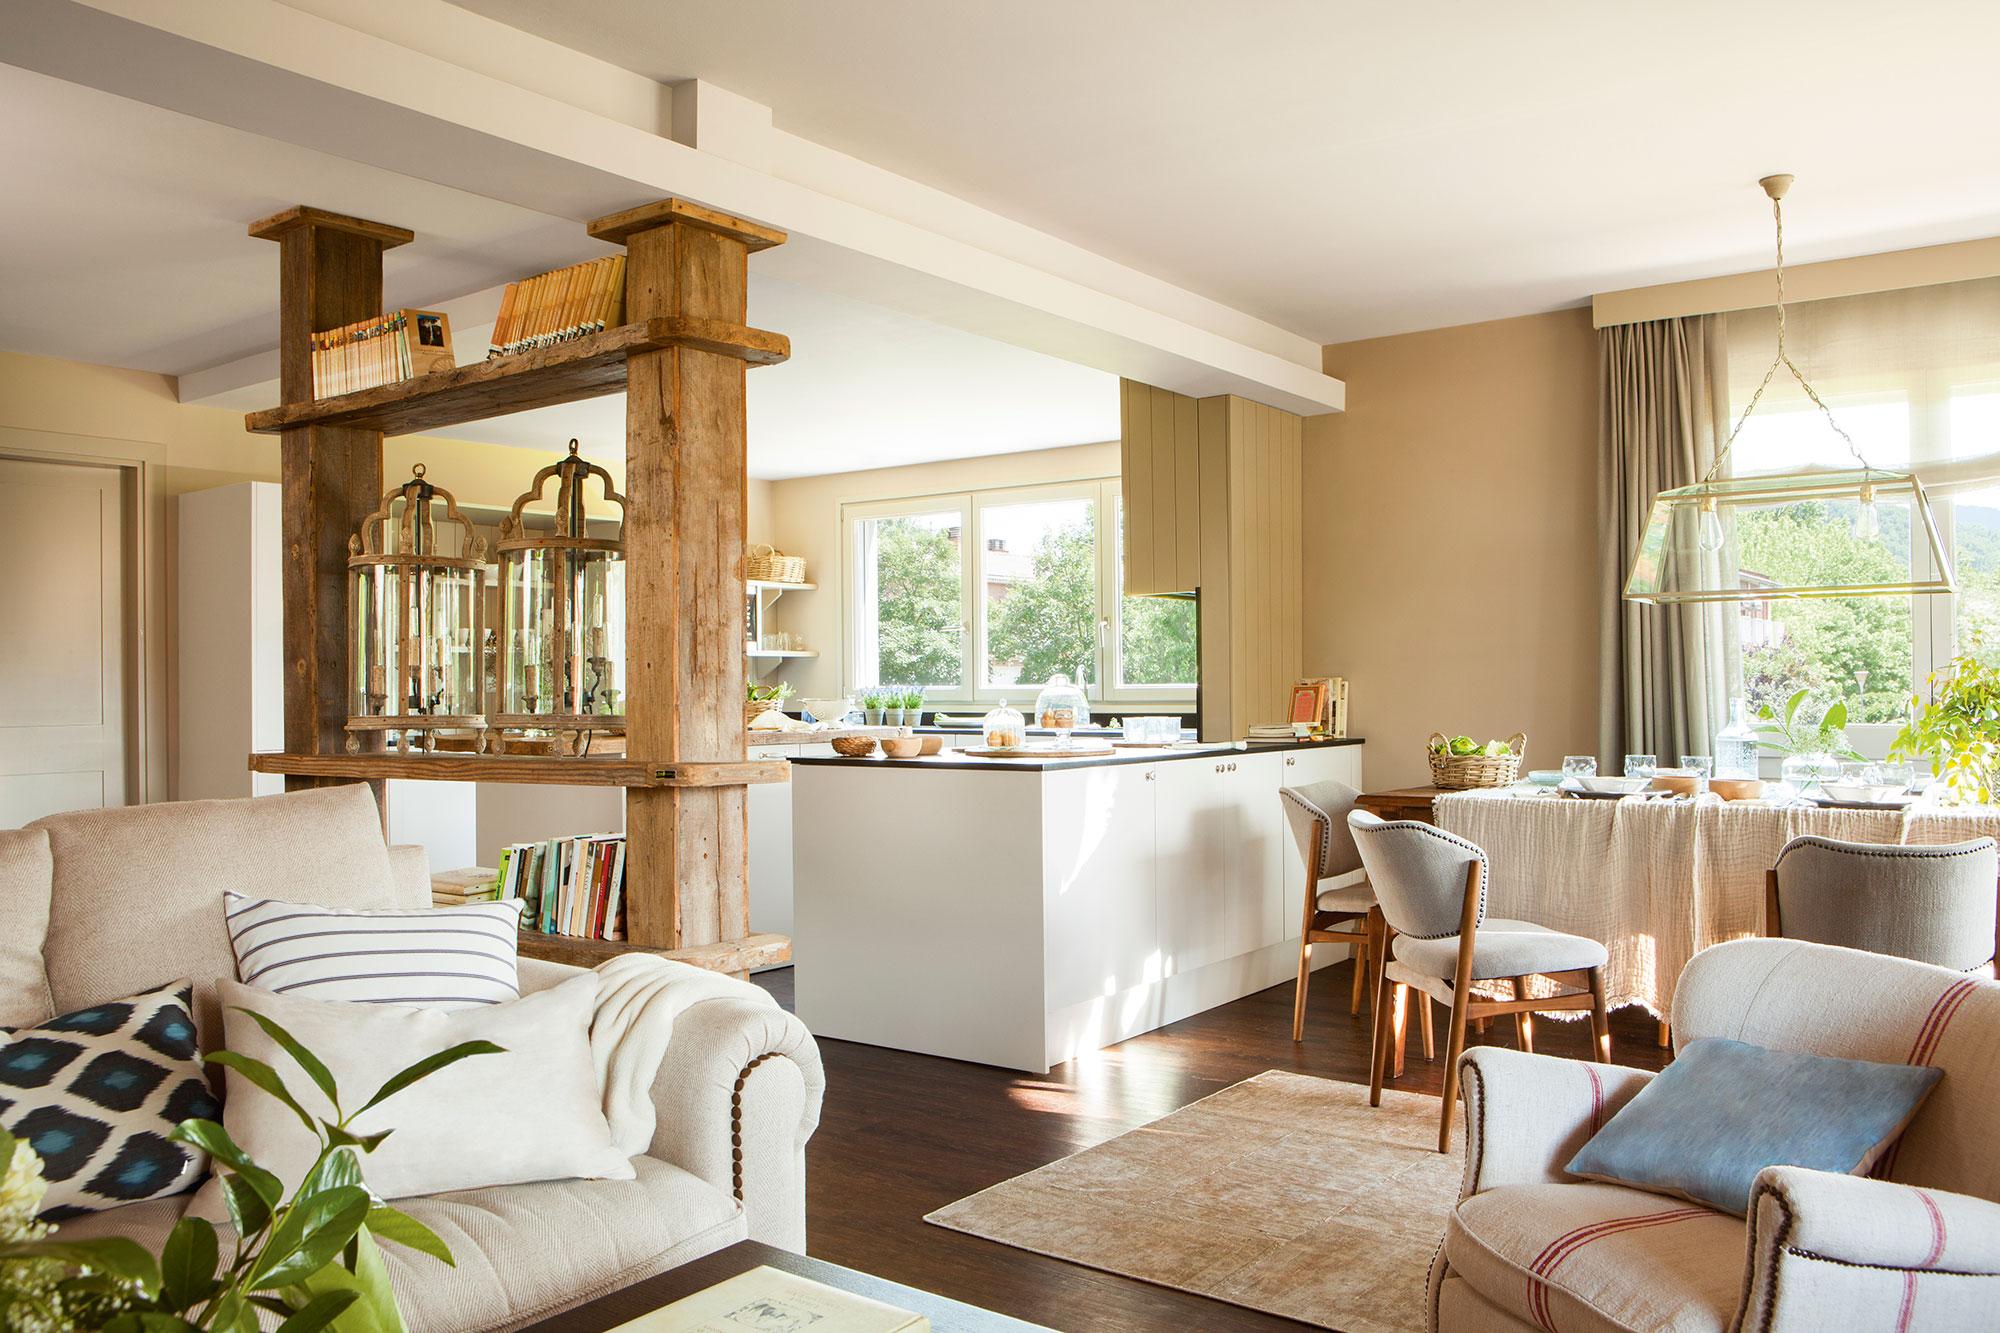 Salon Cocina Comedor | Salon Comedor Rectangular Deco Ideas ...